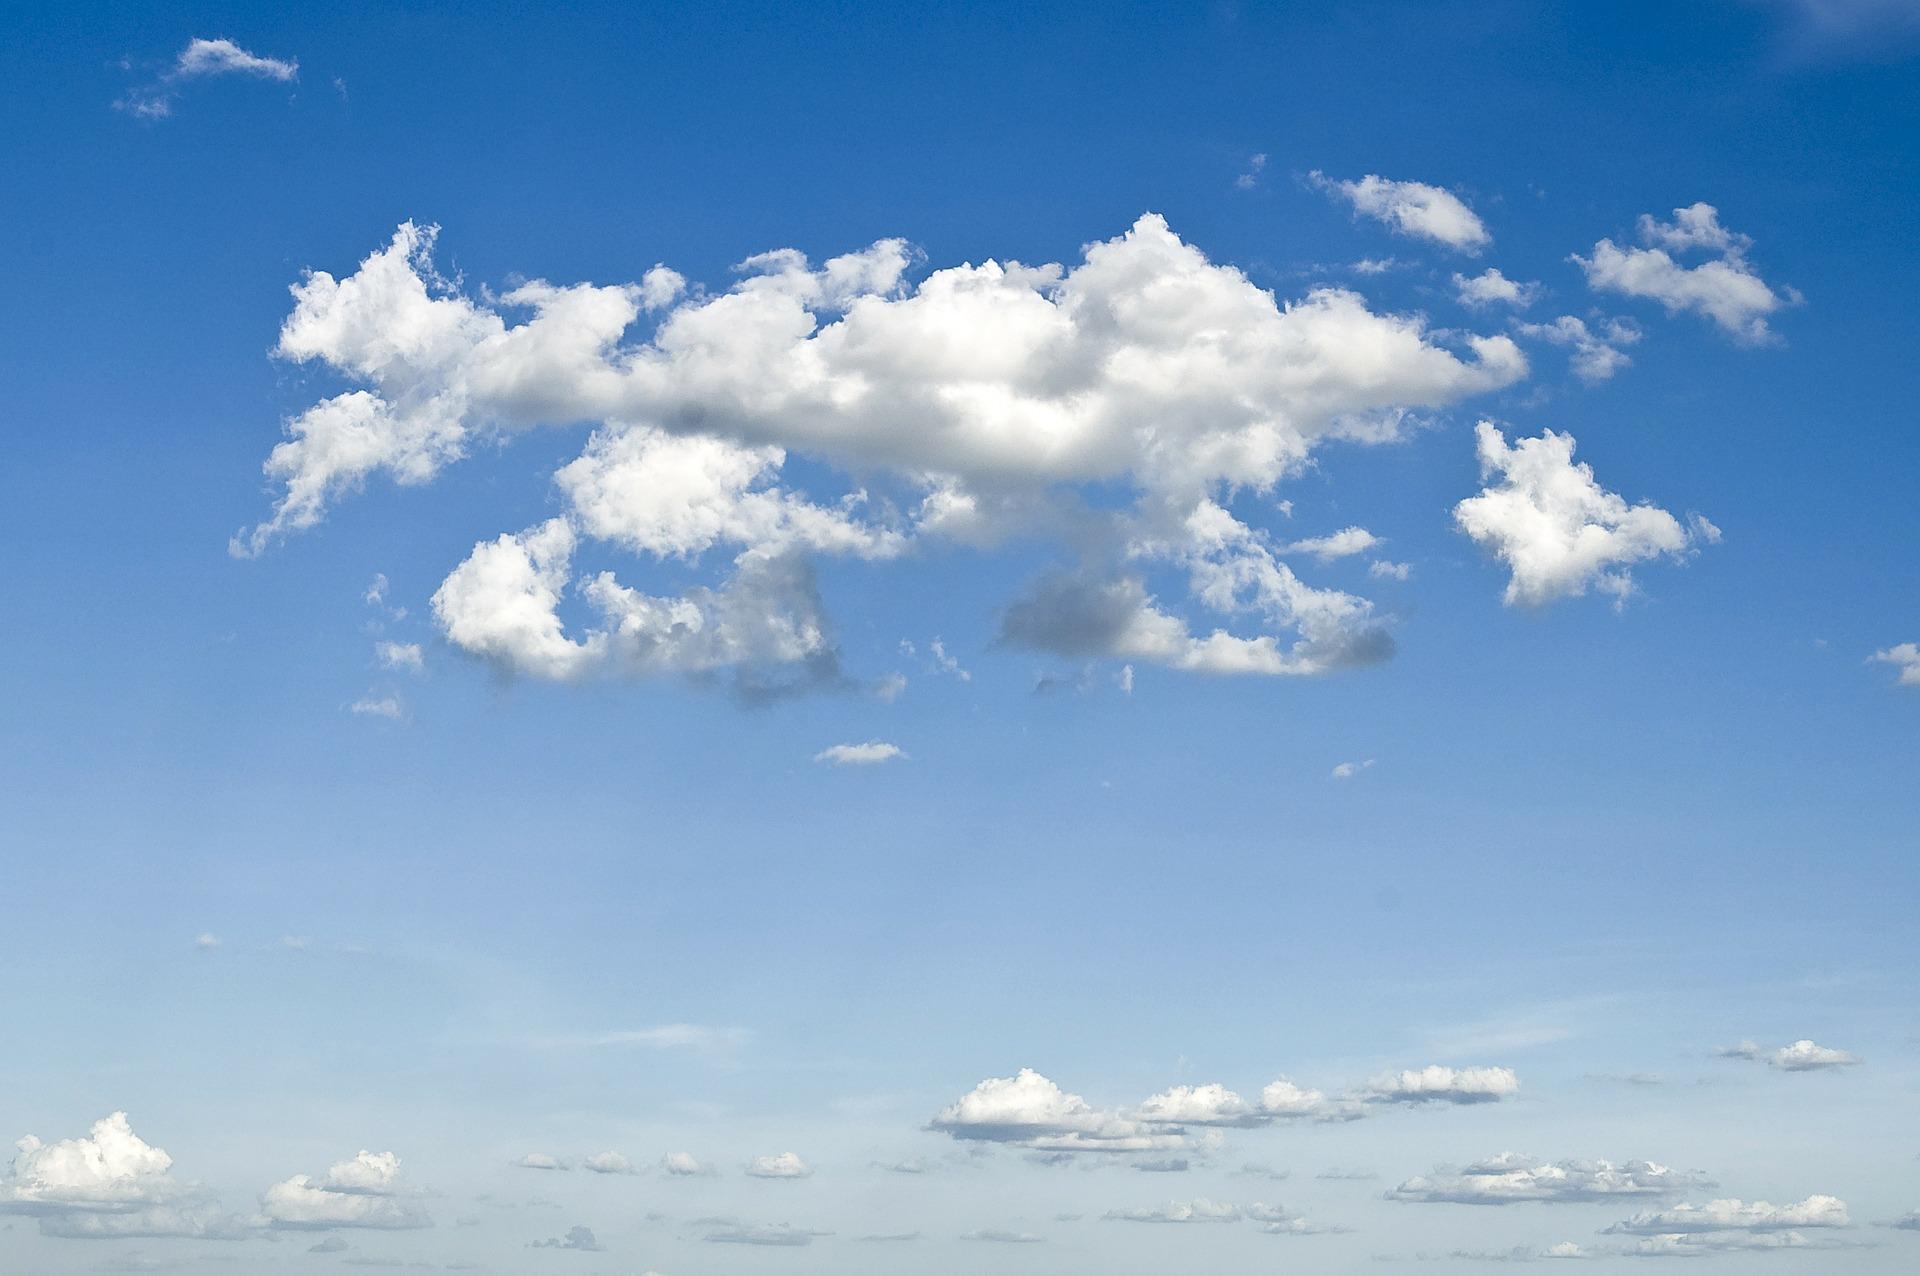 sky-49520_1920.jpg